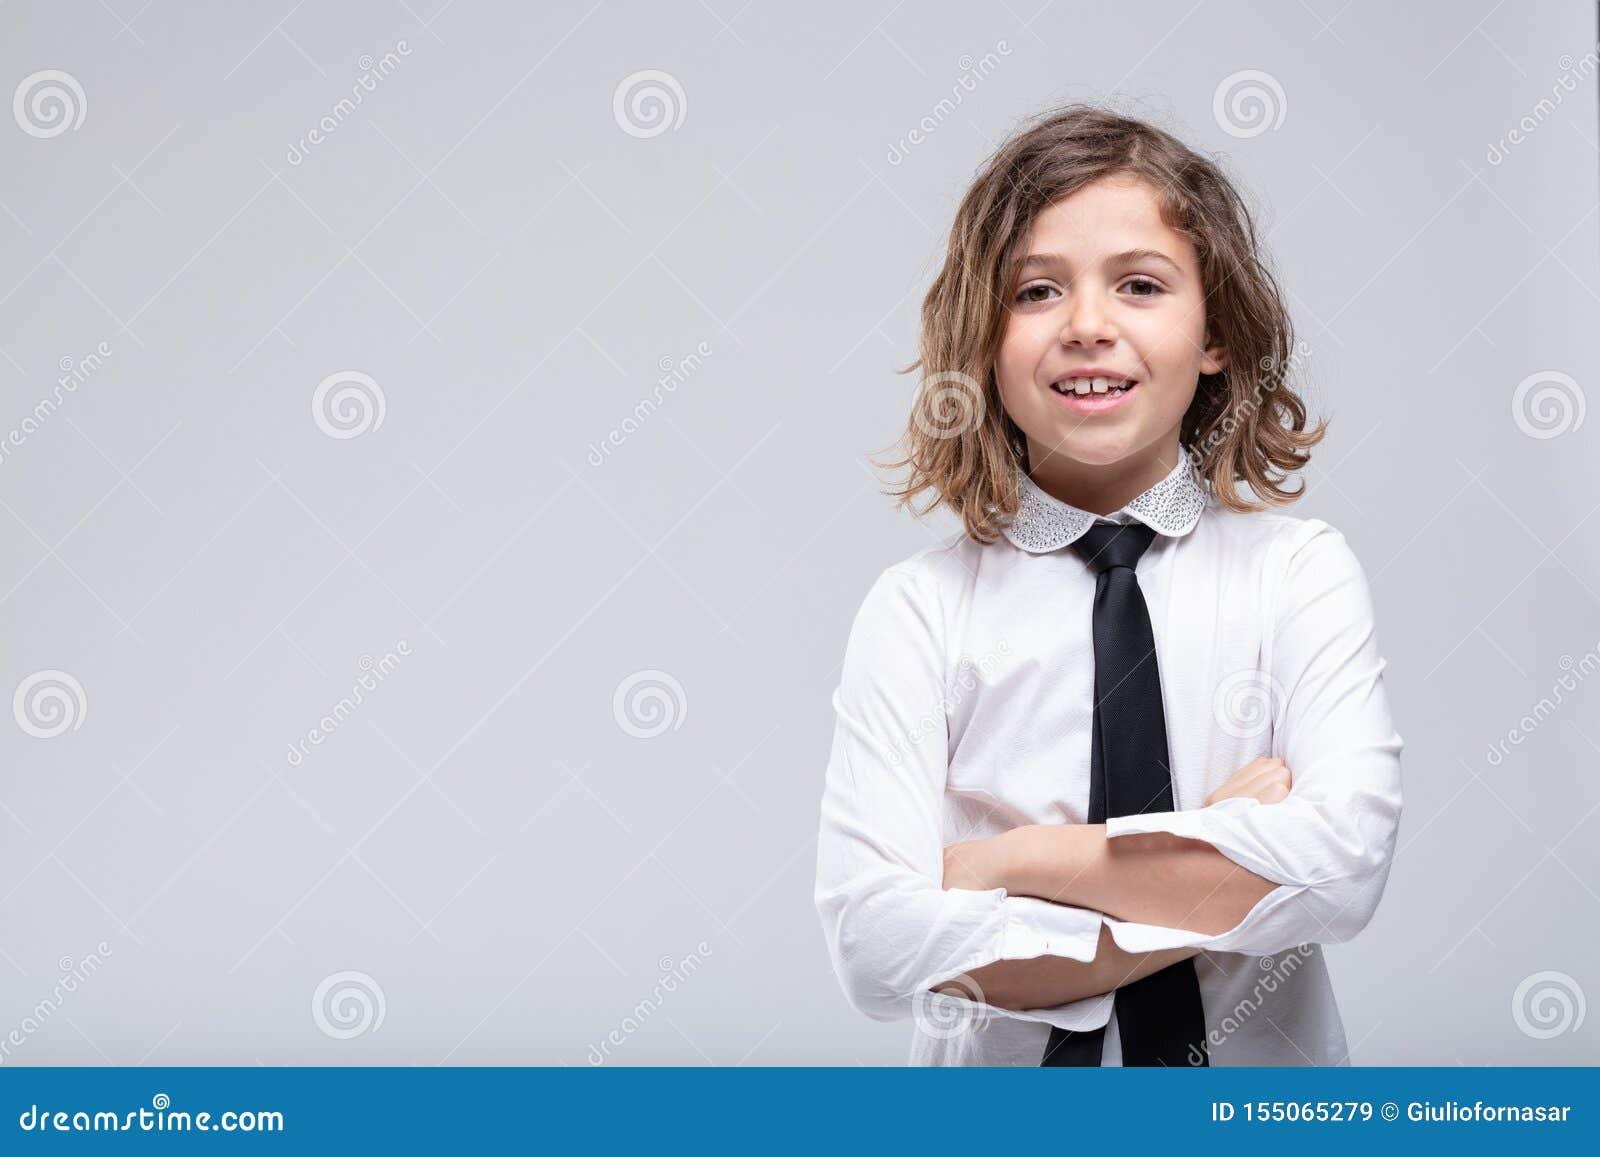 Colegiala joven confiada amistosa en uniforme